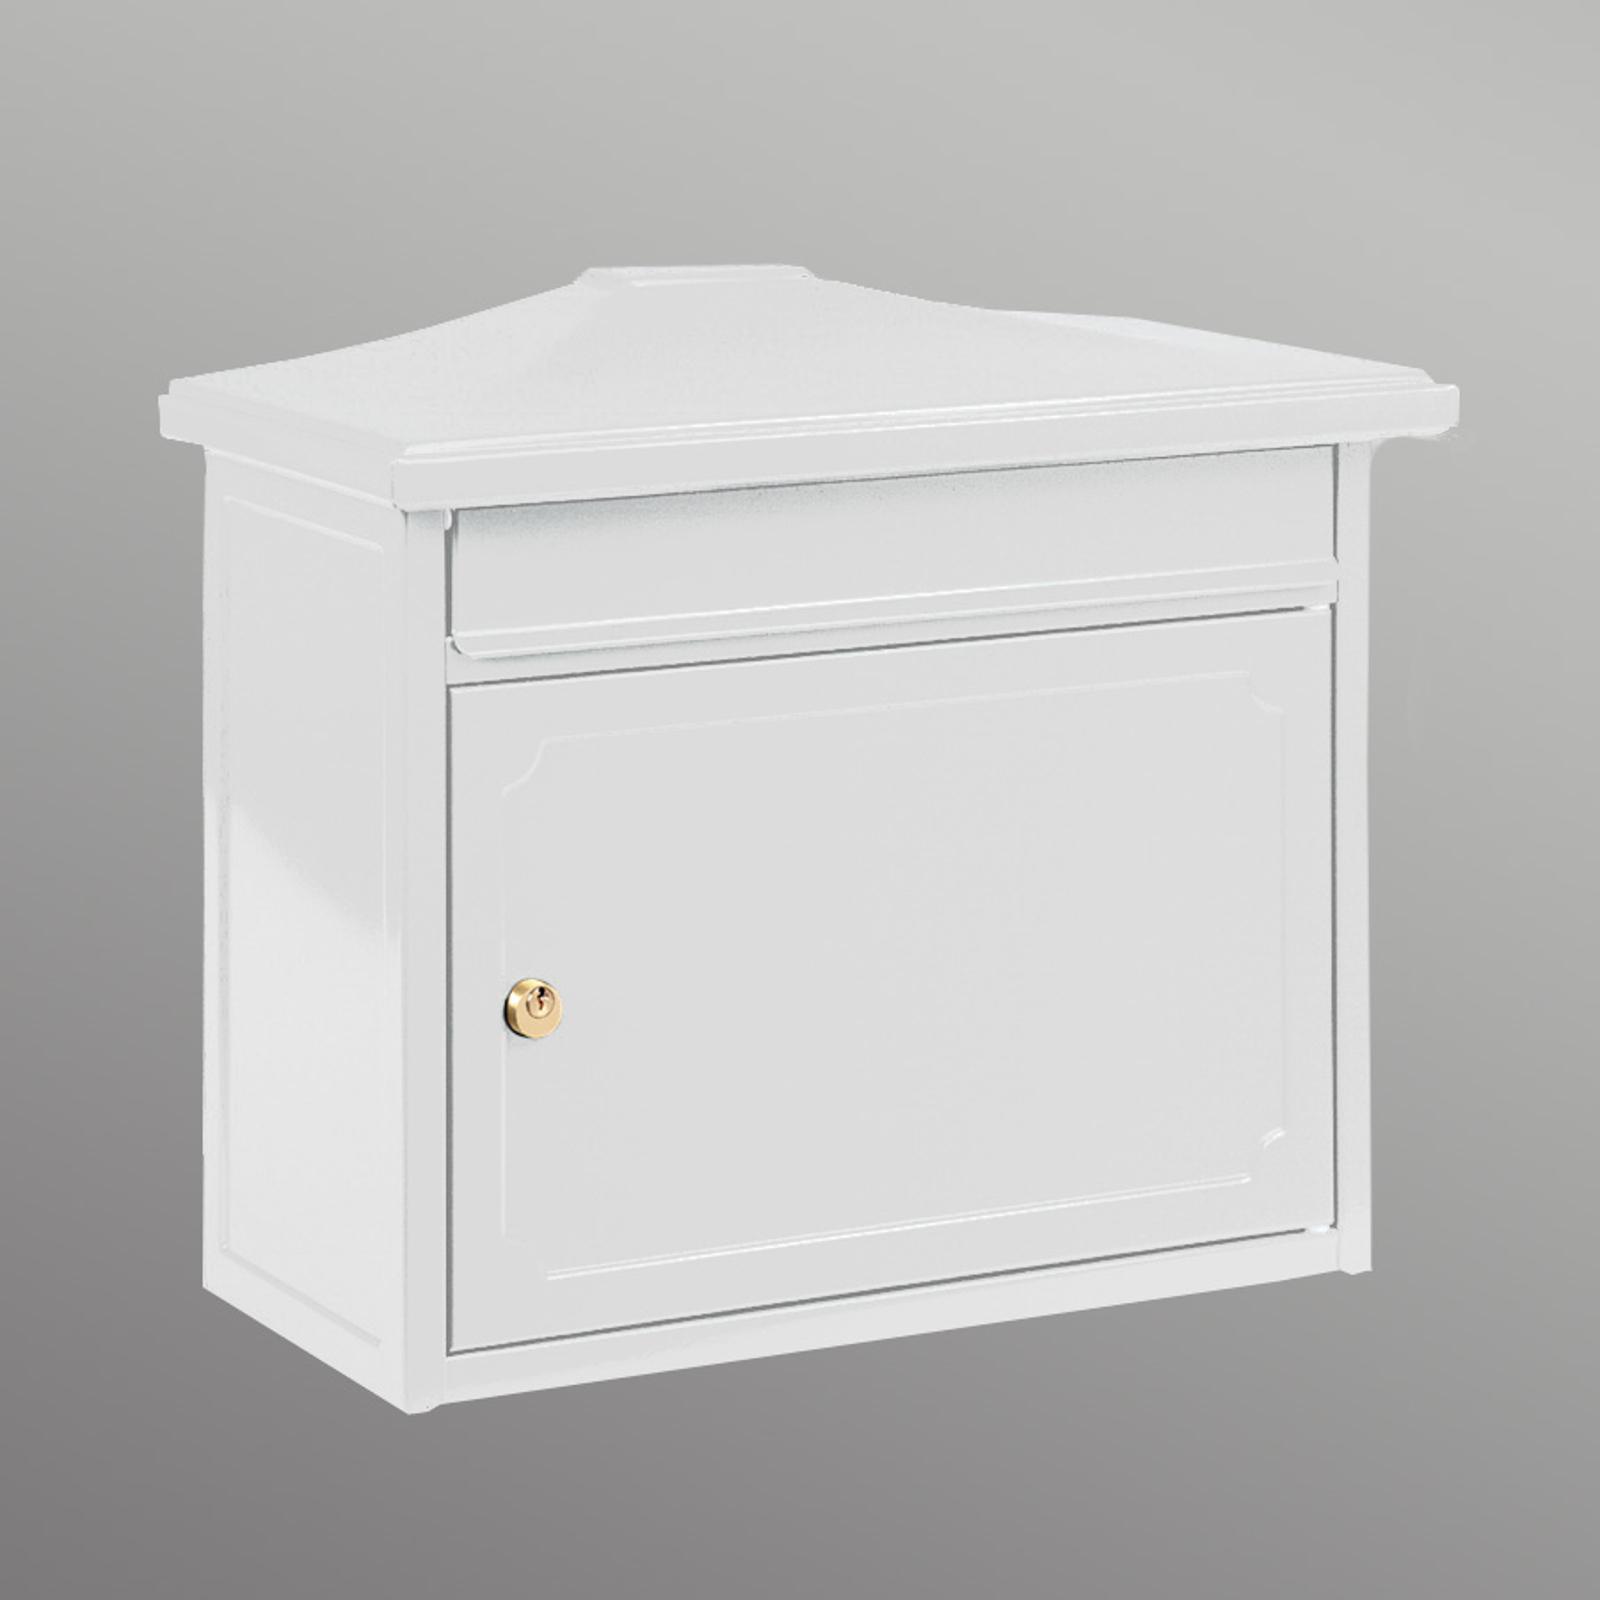 Copenhagen letter box_1532055_1